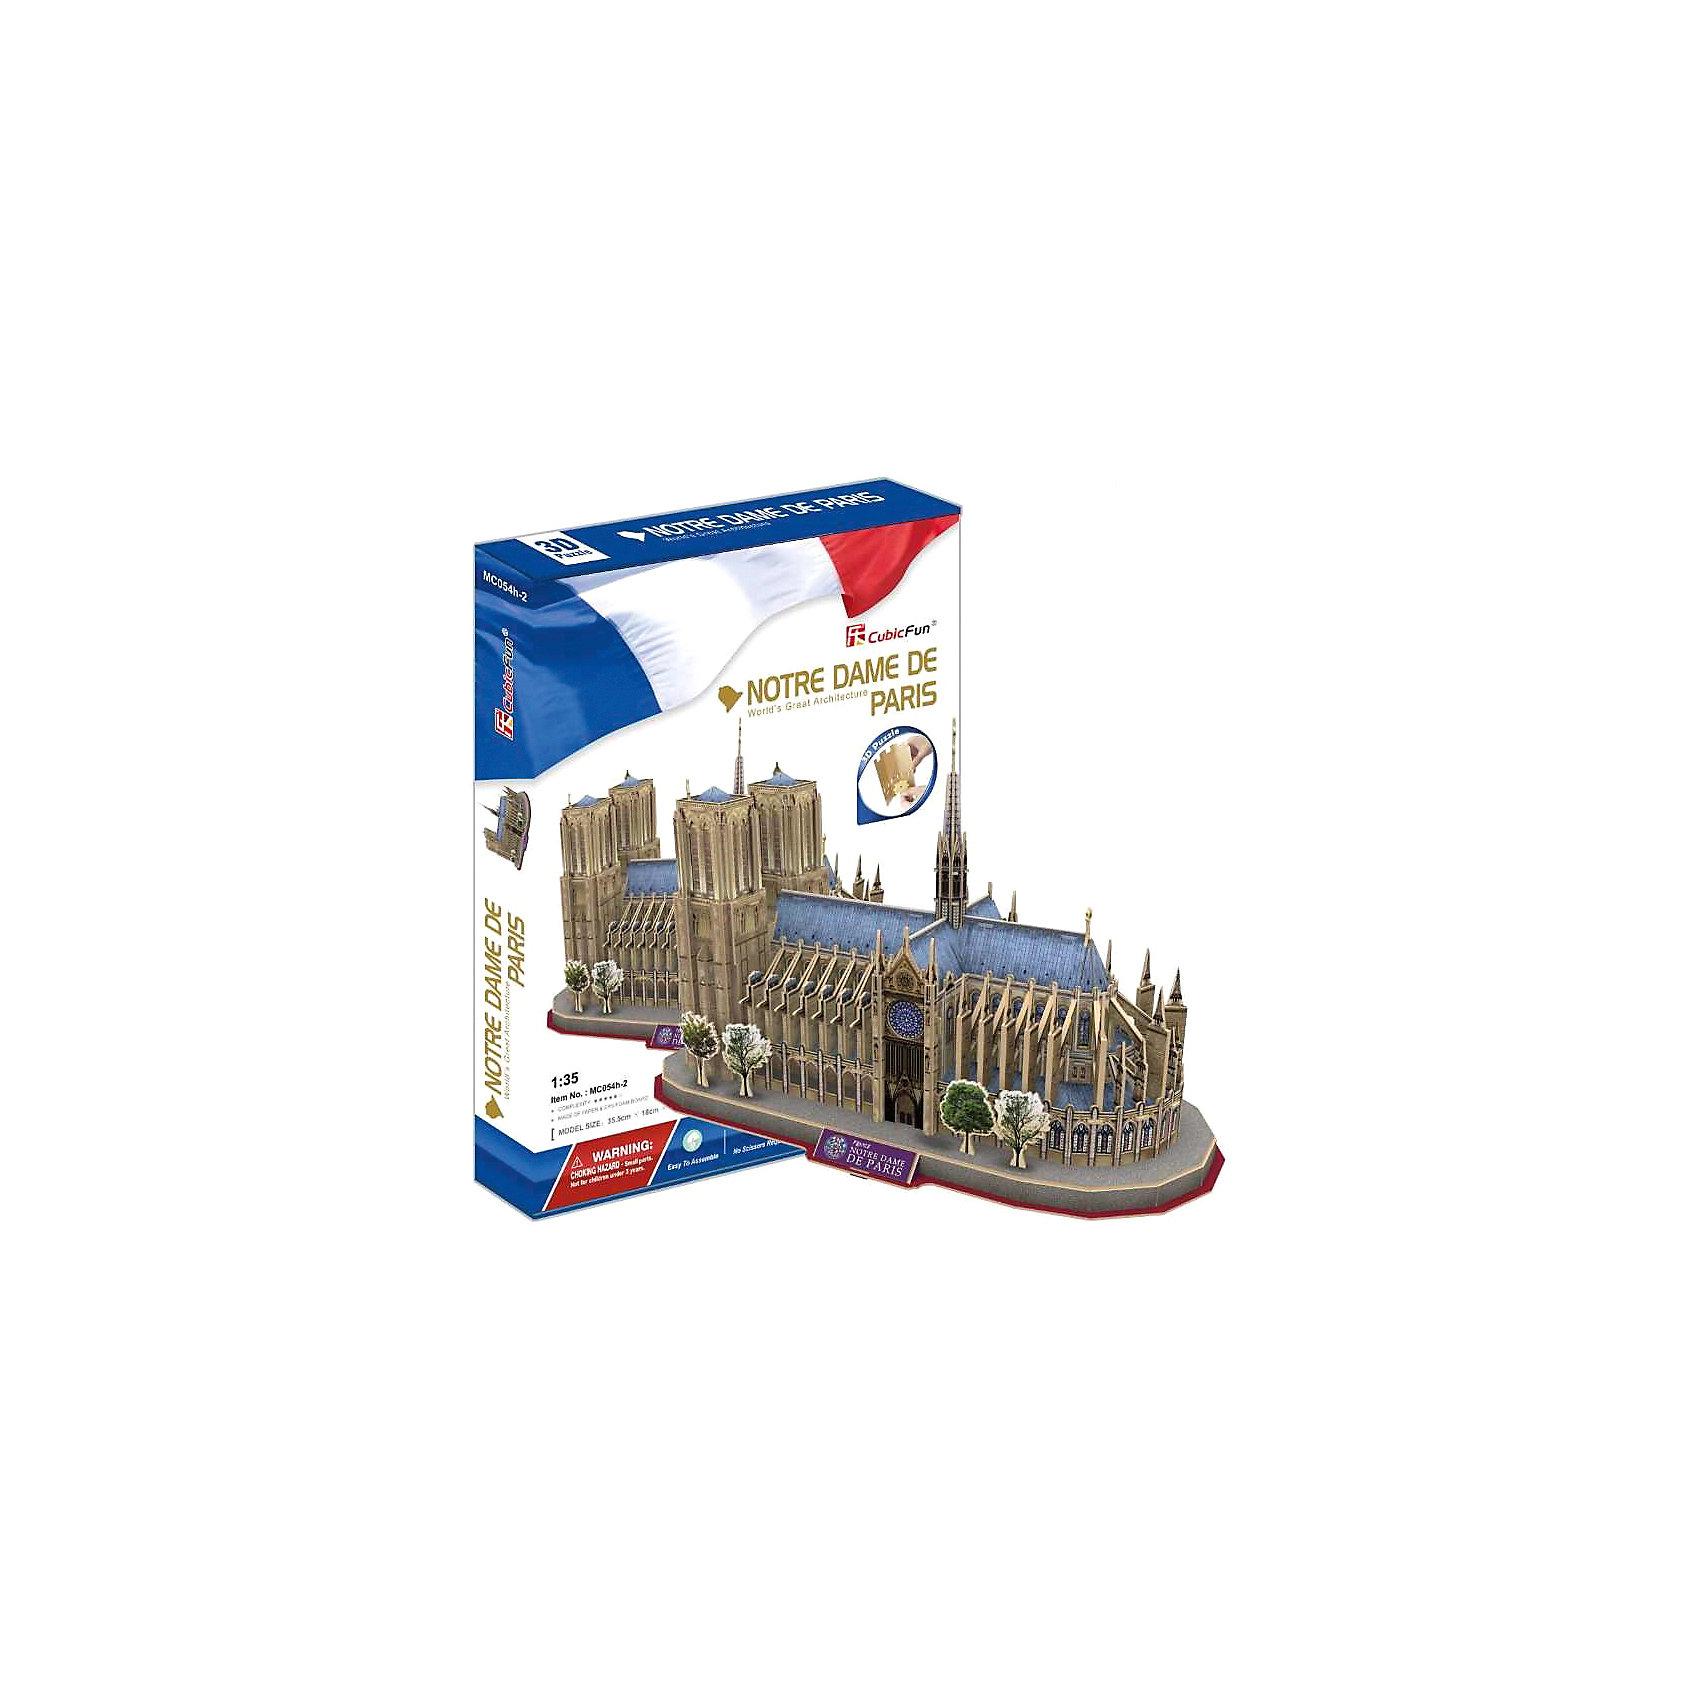 Пазл 3D Нотердам де Пари (Франция), CubicFunCubic Fun MC054h Кубик фан Нотр-Дам де Пари (Франция)<br>Собор Парижской Богоматери (Нотр-Дам) - географическое и духовное «сердце» Парижа. Собор с его великолепным внутренним убранством в течение многих веков служил местом проведения королевских бракосочетаний и императорских коронаций. В 1302 году в нём впервые собрался первый парламент Франции.<br>Уровень сложности - 5<br>Функции:<br>- помогает в развитии логики и творческих способностей ребенка;<br>- помогает в формировании мышления, речи, внимания, восприятия и воображения;<br>- развивает моторику рук;<br>- расширяет кругозор ребенка и стимулирует к познанию новой информации;<br>Практические характеристики:<br>- обучающая, яркая и реалистичная модель;<br>- идеально и легко собирается без инструментов;<br>- увлекательный игровой процесс;<br>- тематический ассортимент;<br>- новый качественный материал (ламинированный пенокартон).<br><br>Ширина мм: 30<br>Глубина мм: 330<br>Высота мм: 220<br>Вес г: 615<br>Возраст от месяцев: 72<br>Возраст до месяцев: 192<br>Пол: Унисекс<br>Возраст: Детский<br>SKU: 4951148